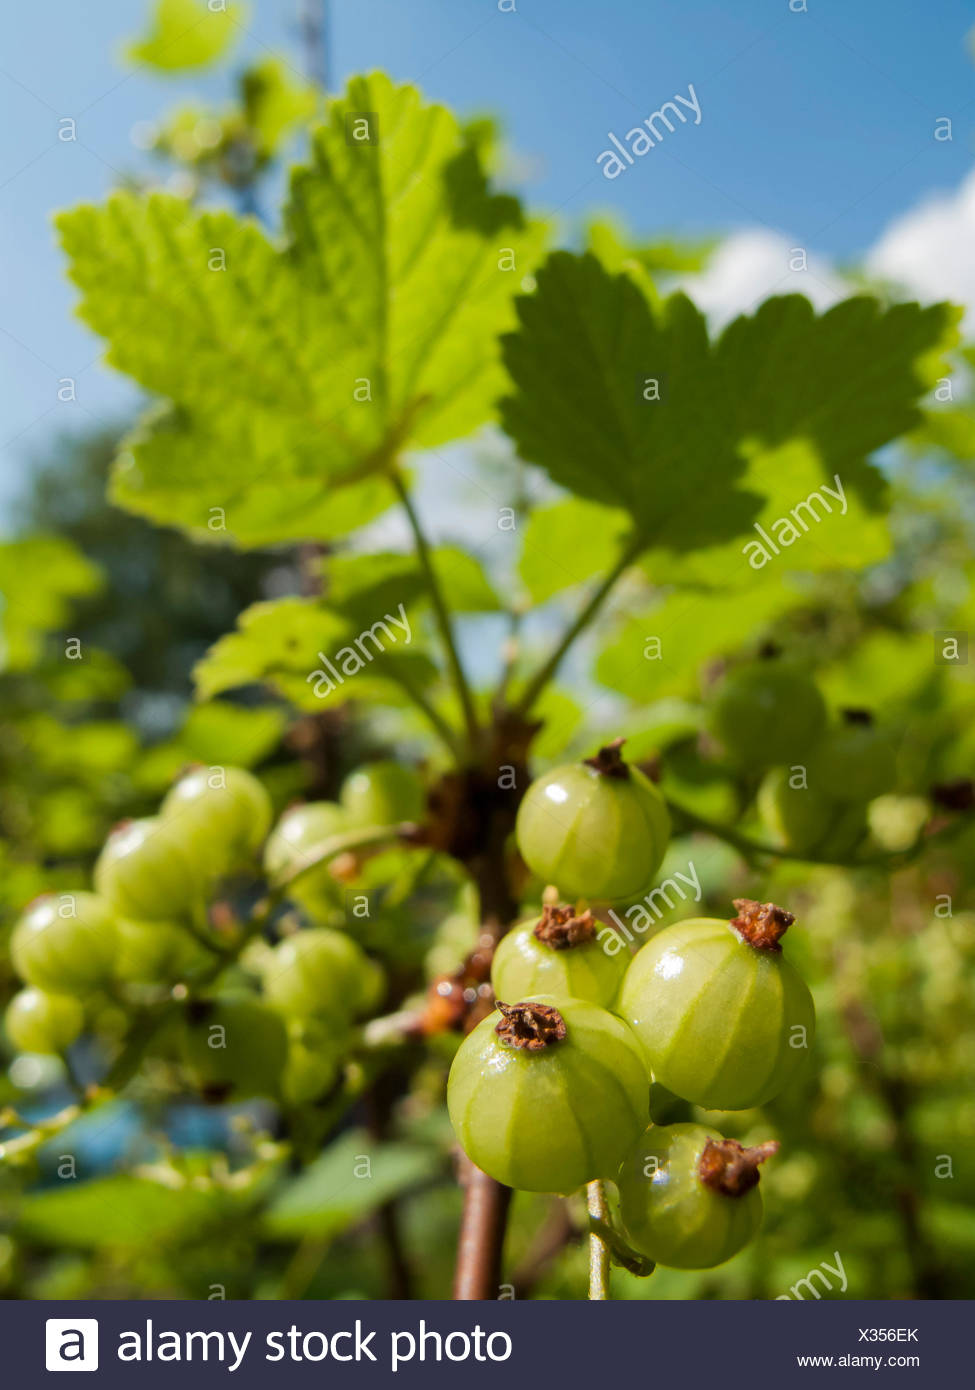 Rote Johannisbeere (Ribes rubrum), unreife Fruechte am Strauch, Deutschland   northern red currant (Ribes rubrum), immature frui Stock Photo